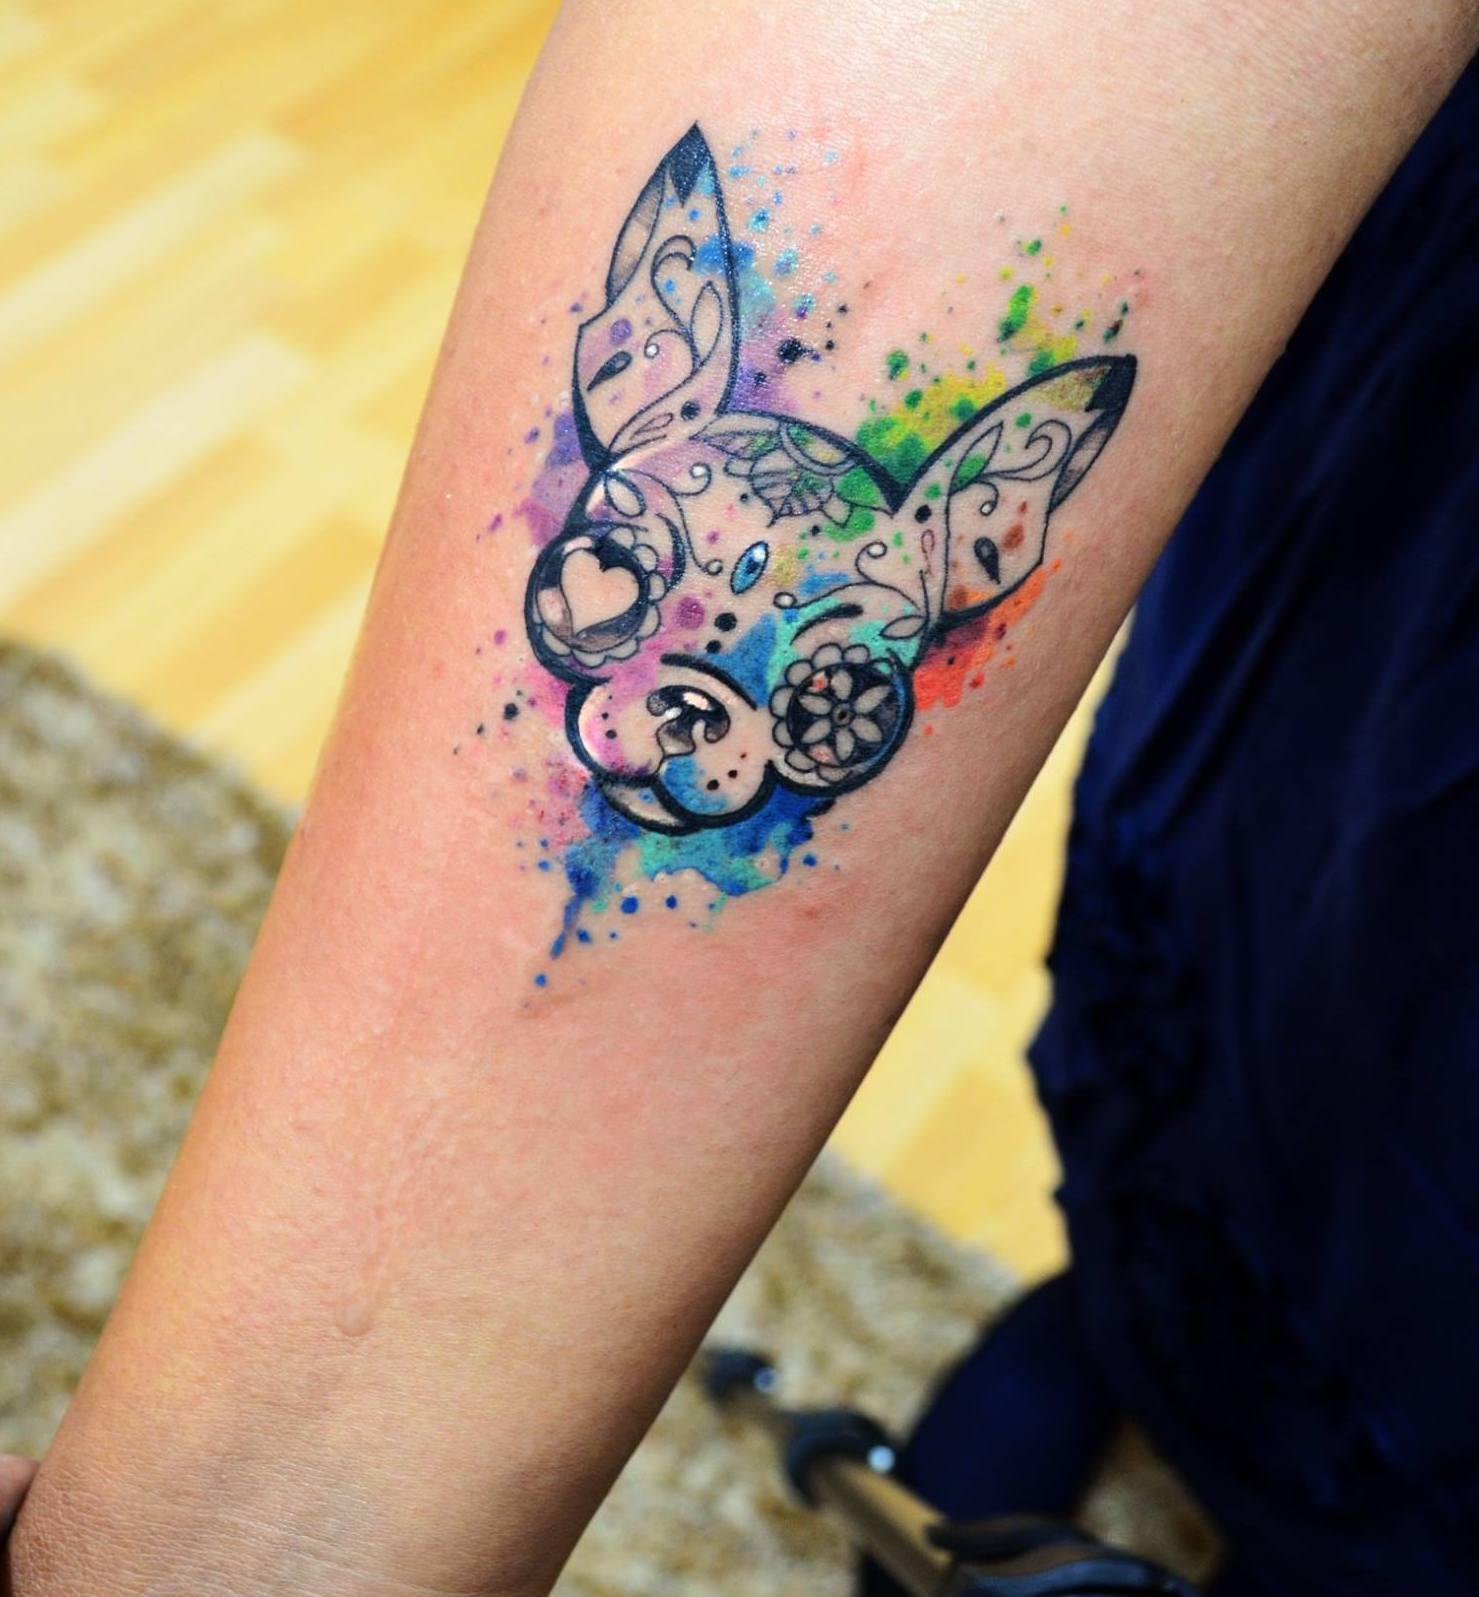 Tatuajes de perros ideas y fotograf as - Tattoo disenos a color ...